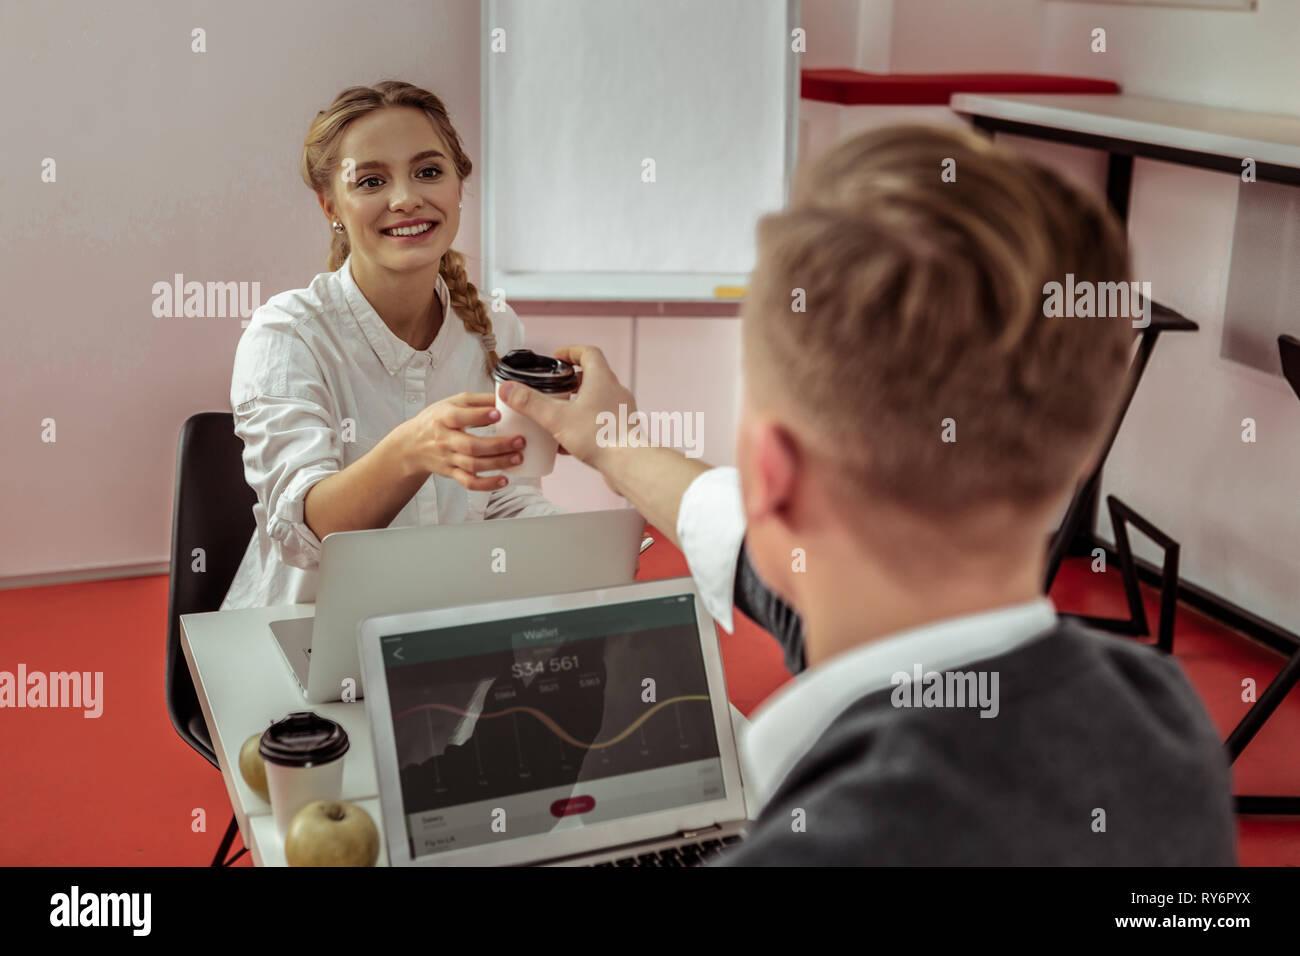 Courte généreux brun propose son café dans la coupe en carton à smiling woman Photo Stock